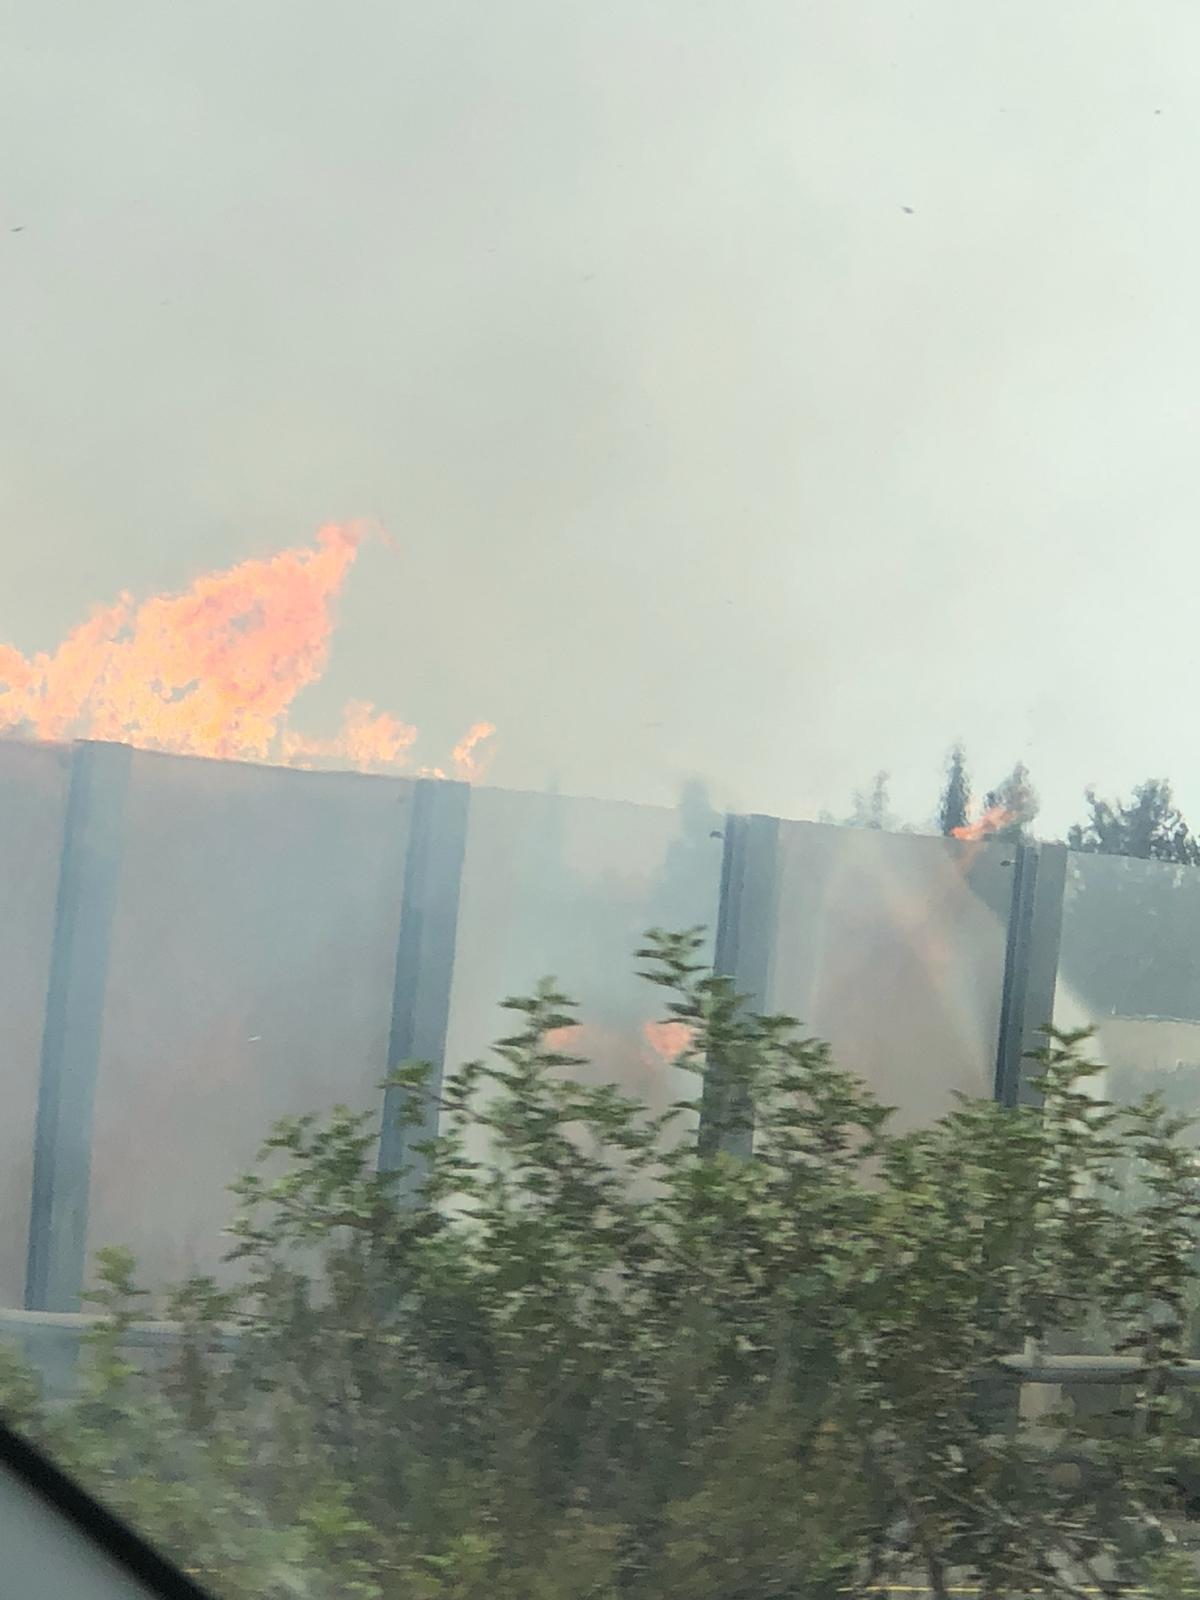 إعادة فتح شارع رقم 6  بعد اخماد الحريق